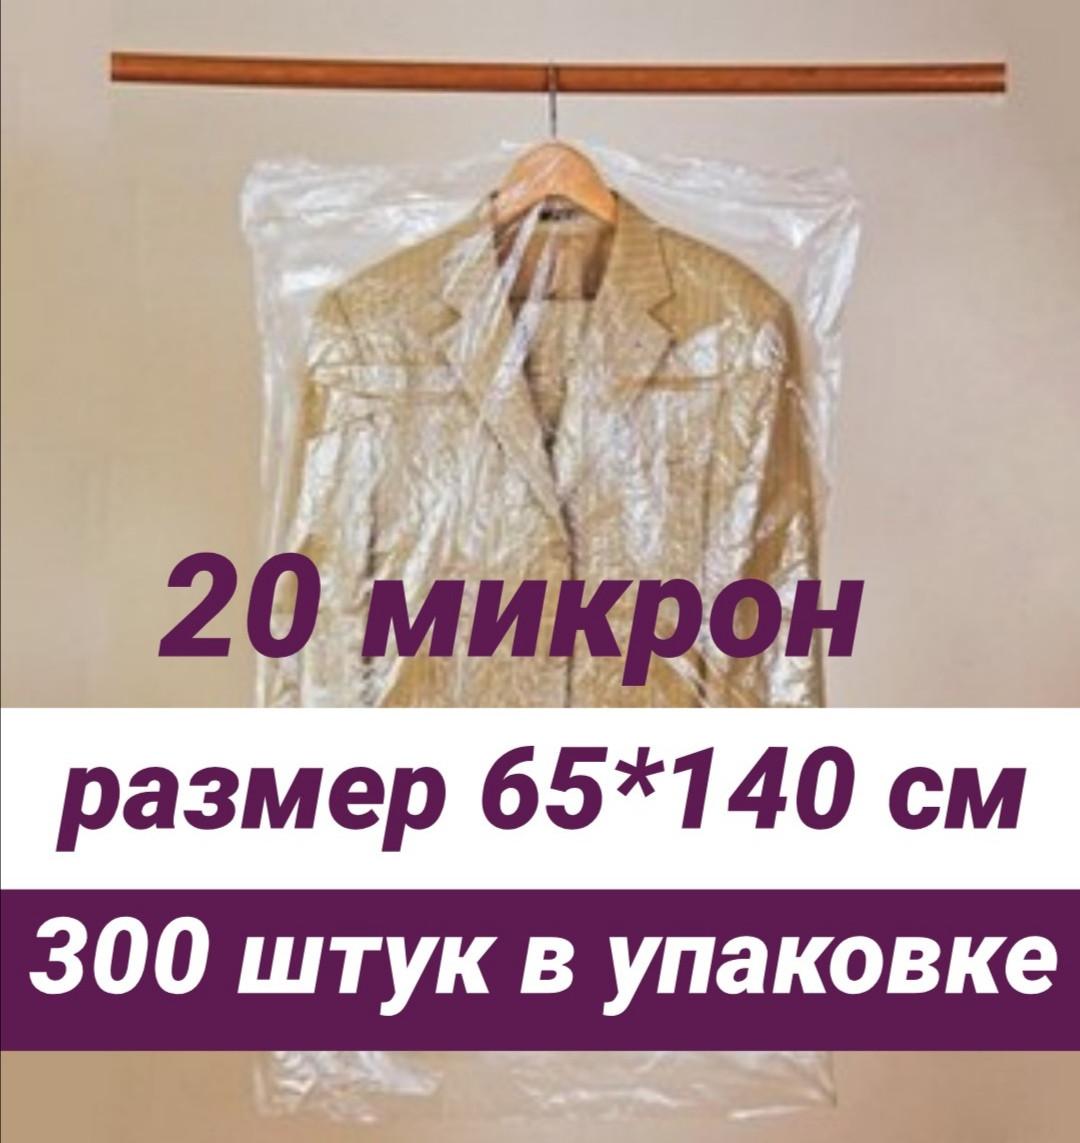 Размер 65*140 см, 300 шт в упаковке.Чехлы для одежды полиэтиленовые, толщина 20 микрон